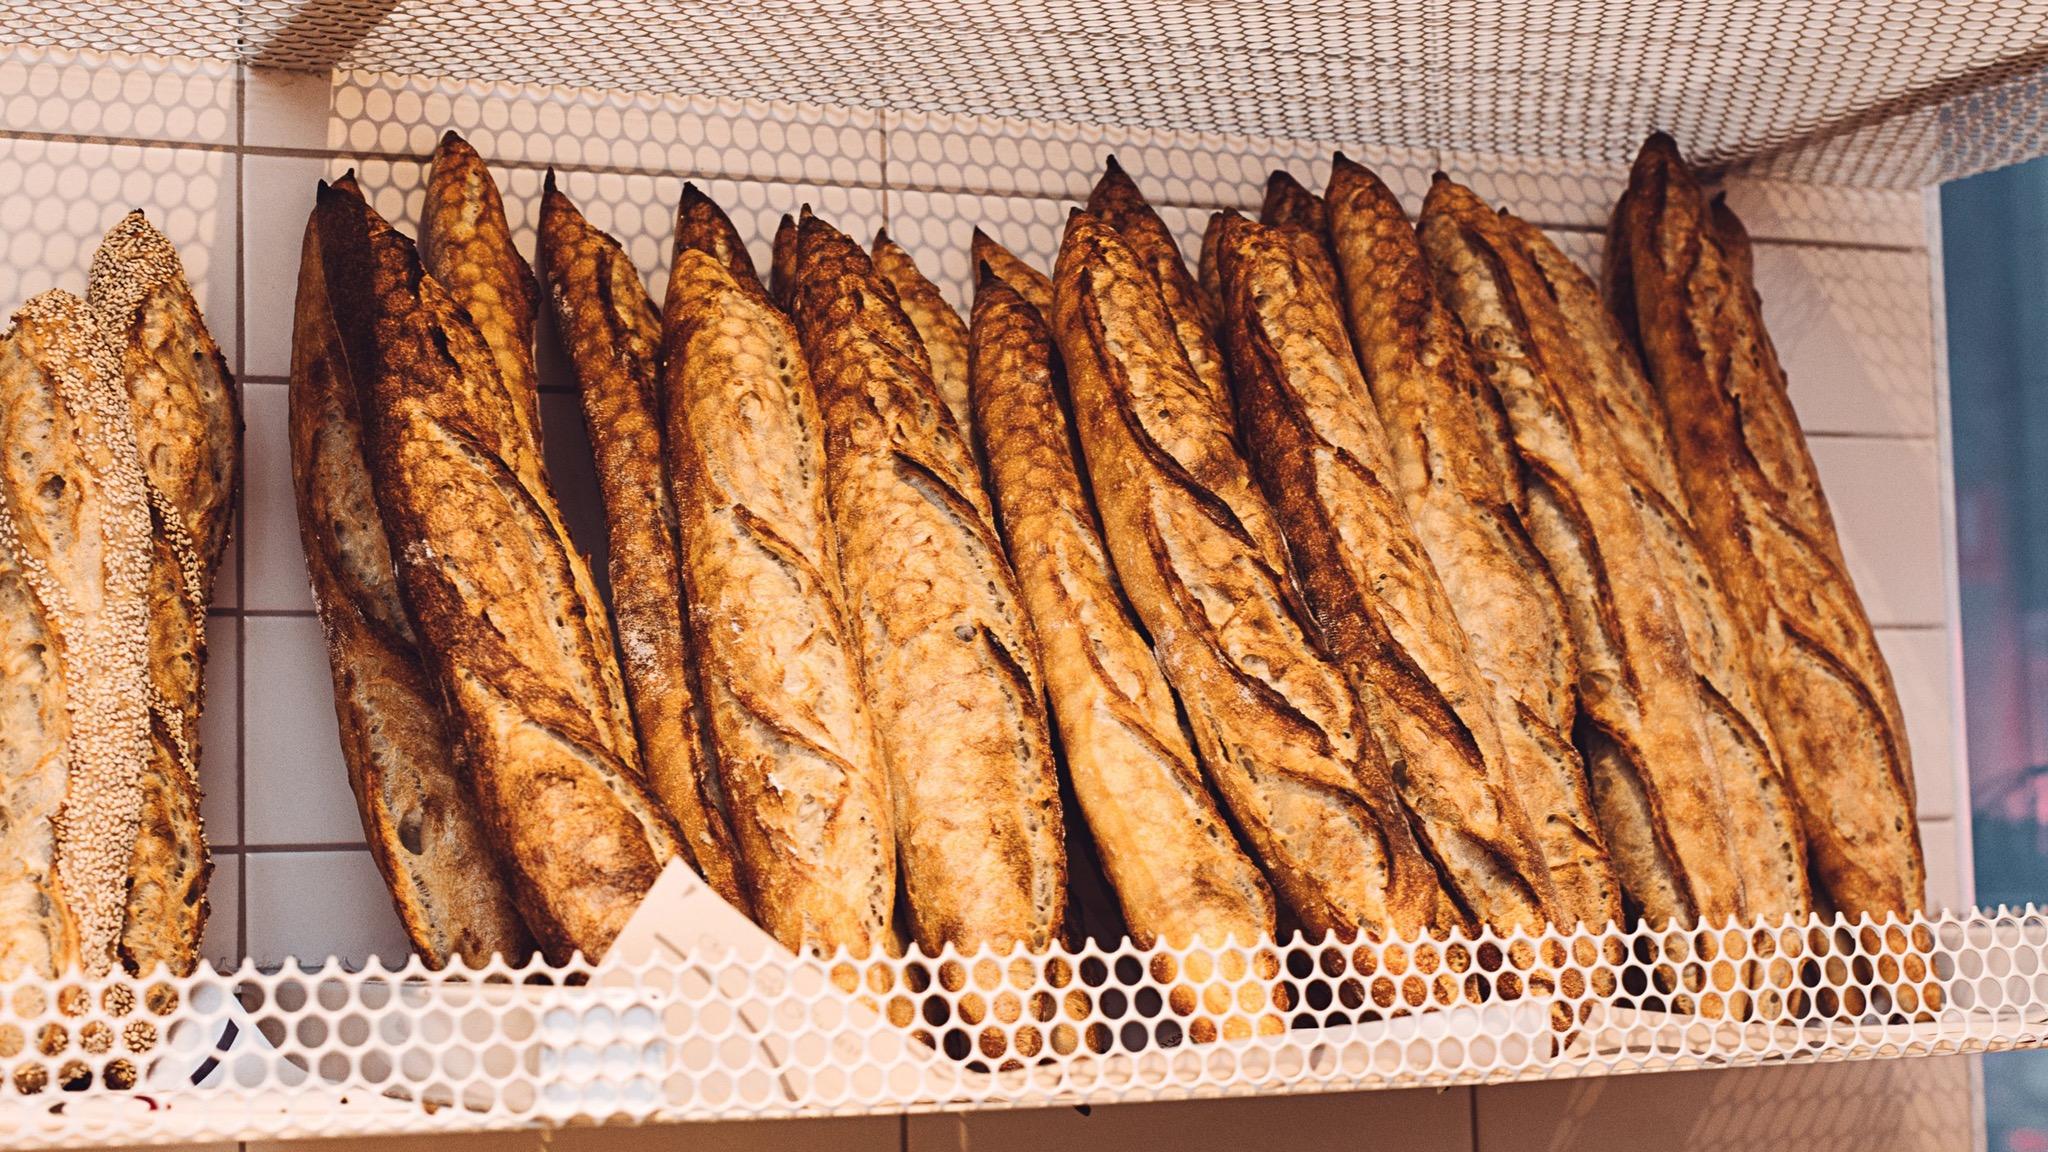 Gontran Cherrier baguettes